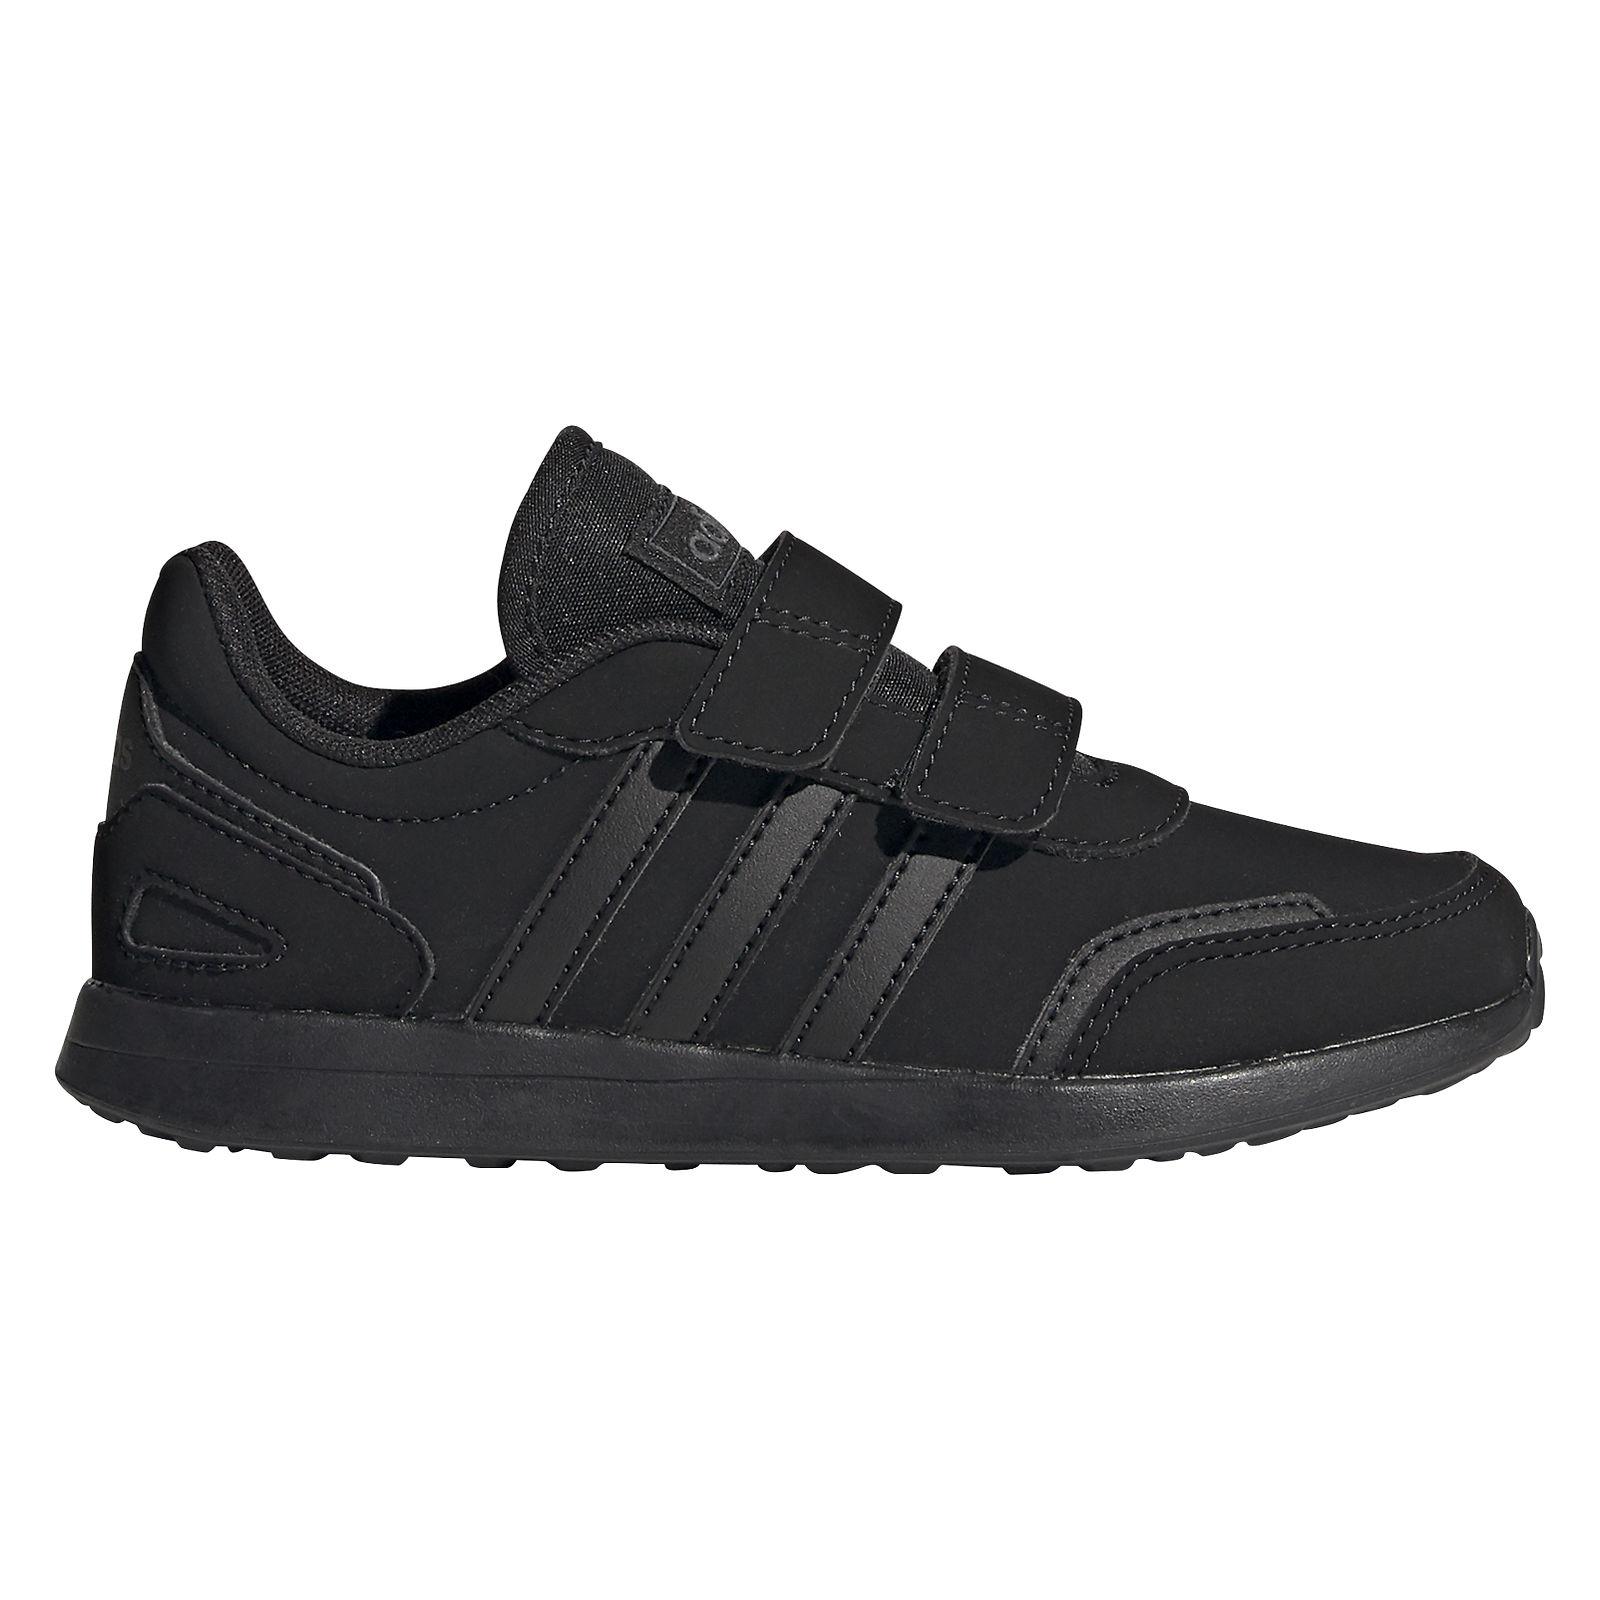 Buty sportowe dla dzieci adidas Switch 3 Kids FW9308